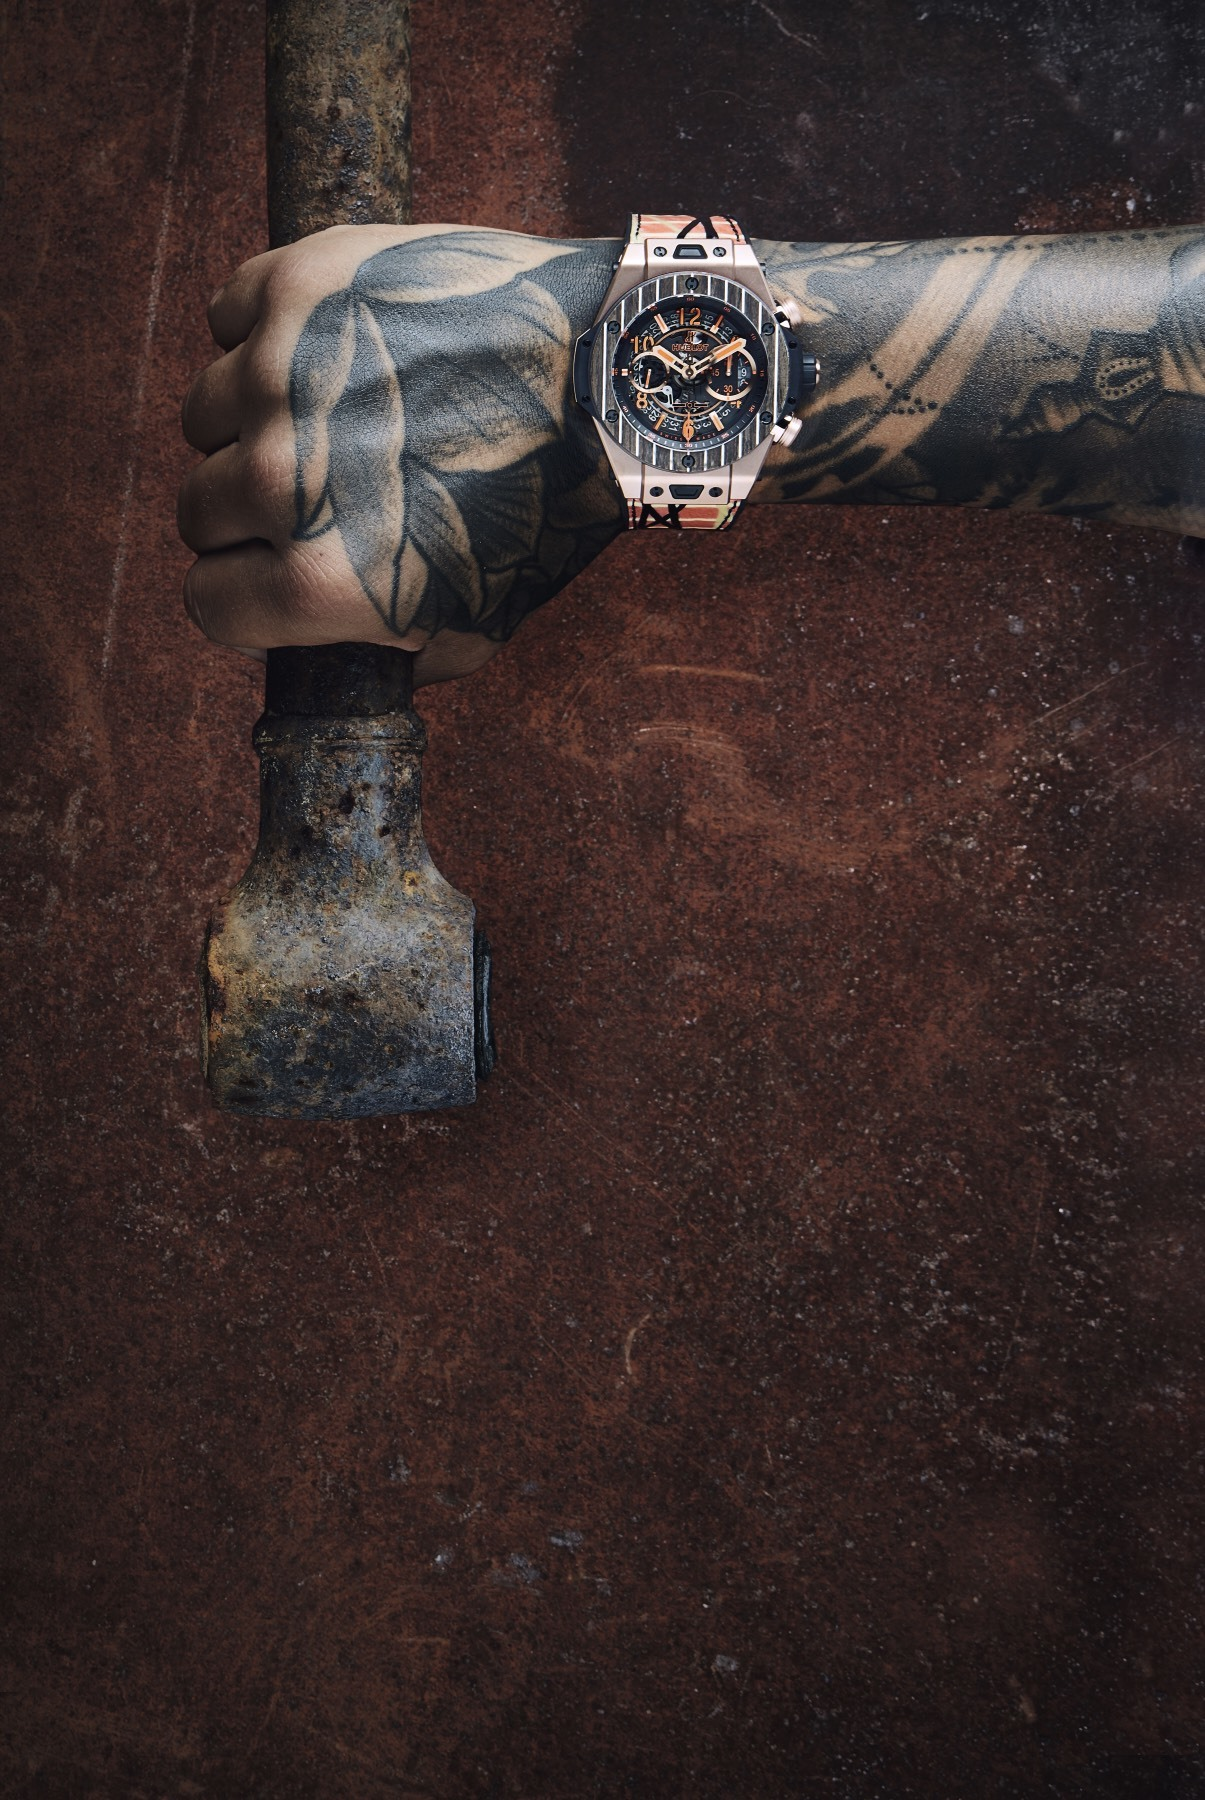 15 08 Watches Men15588 Bild5 Squashed